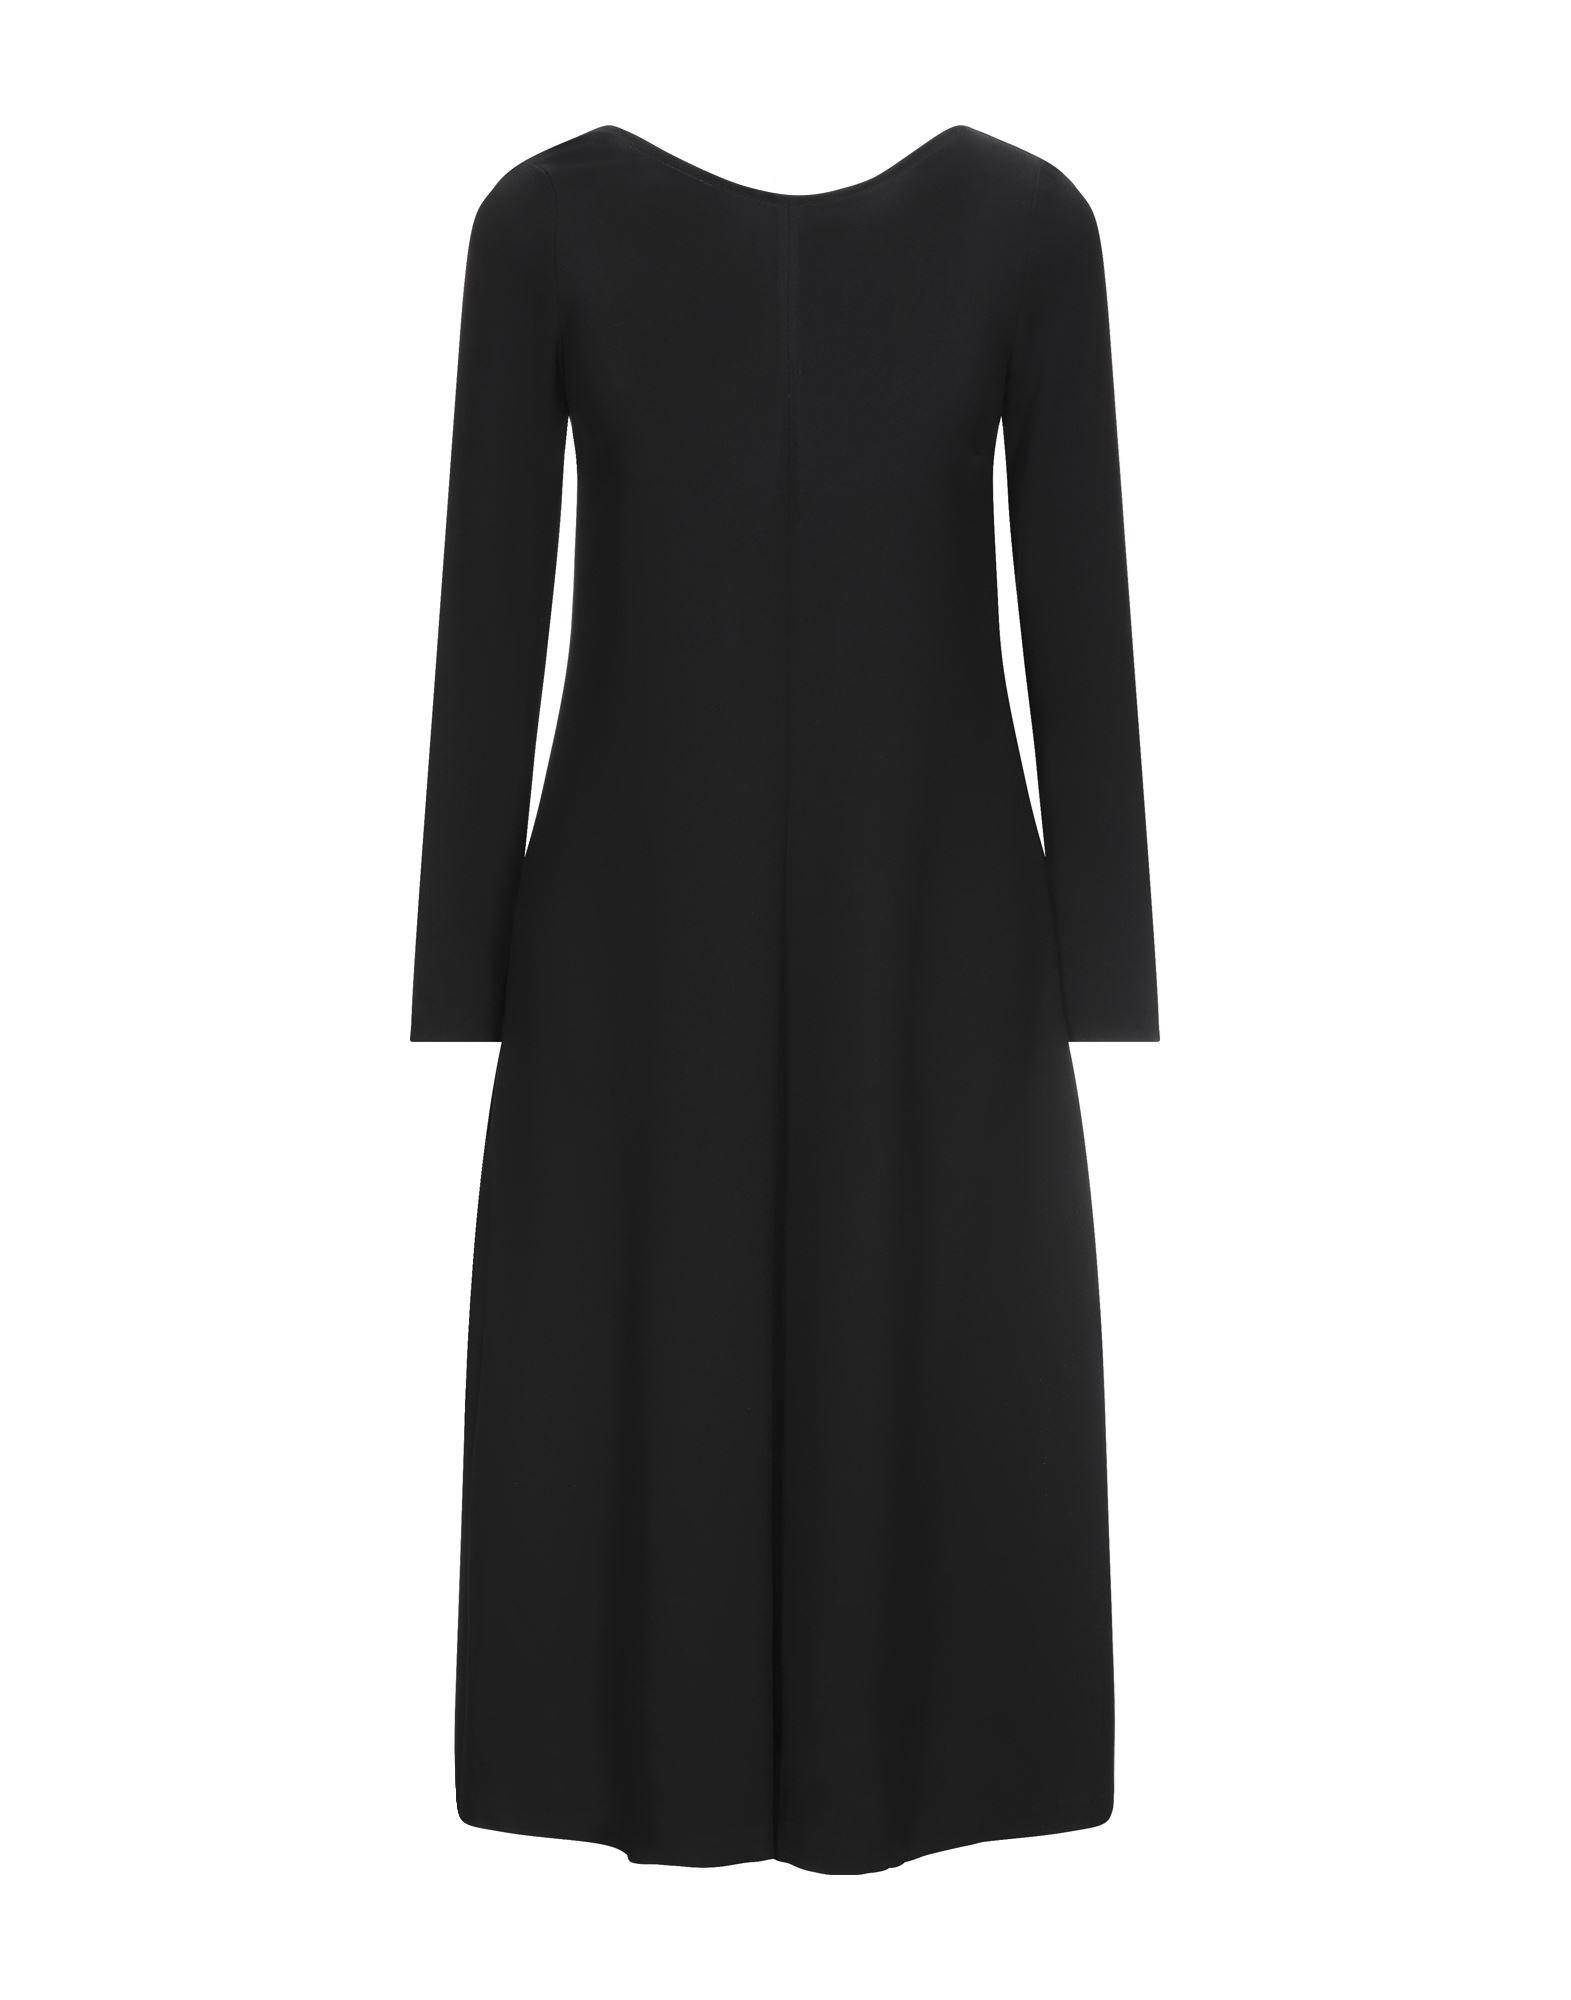 JUCCA Платье длиной 3/4 vionnet платье длиной 3 4